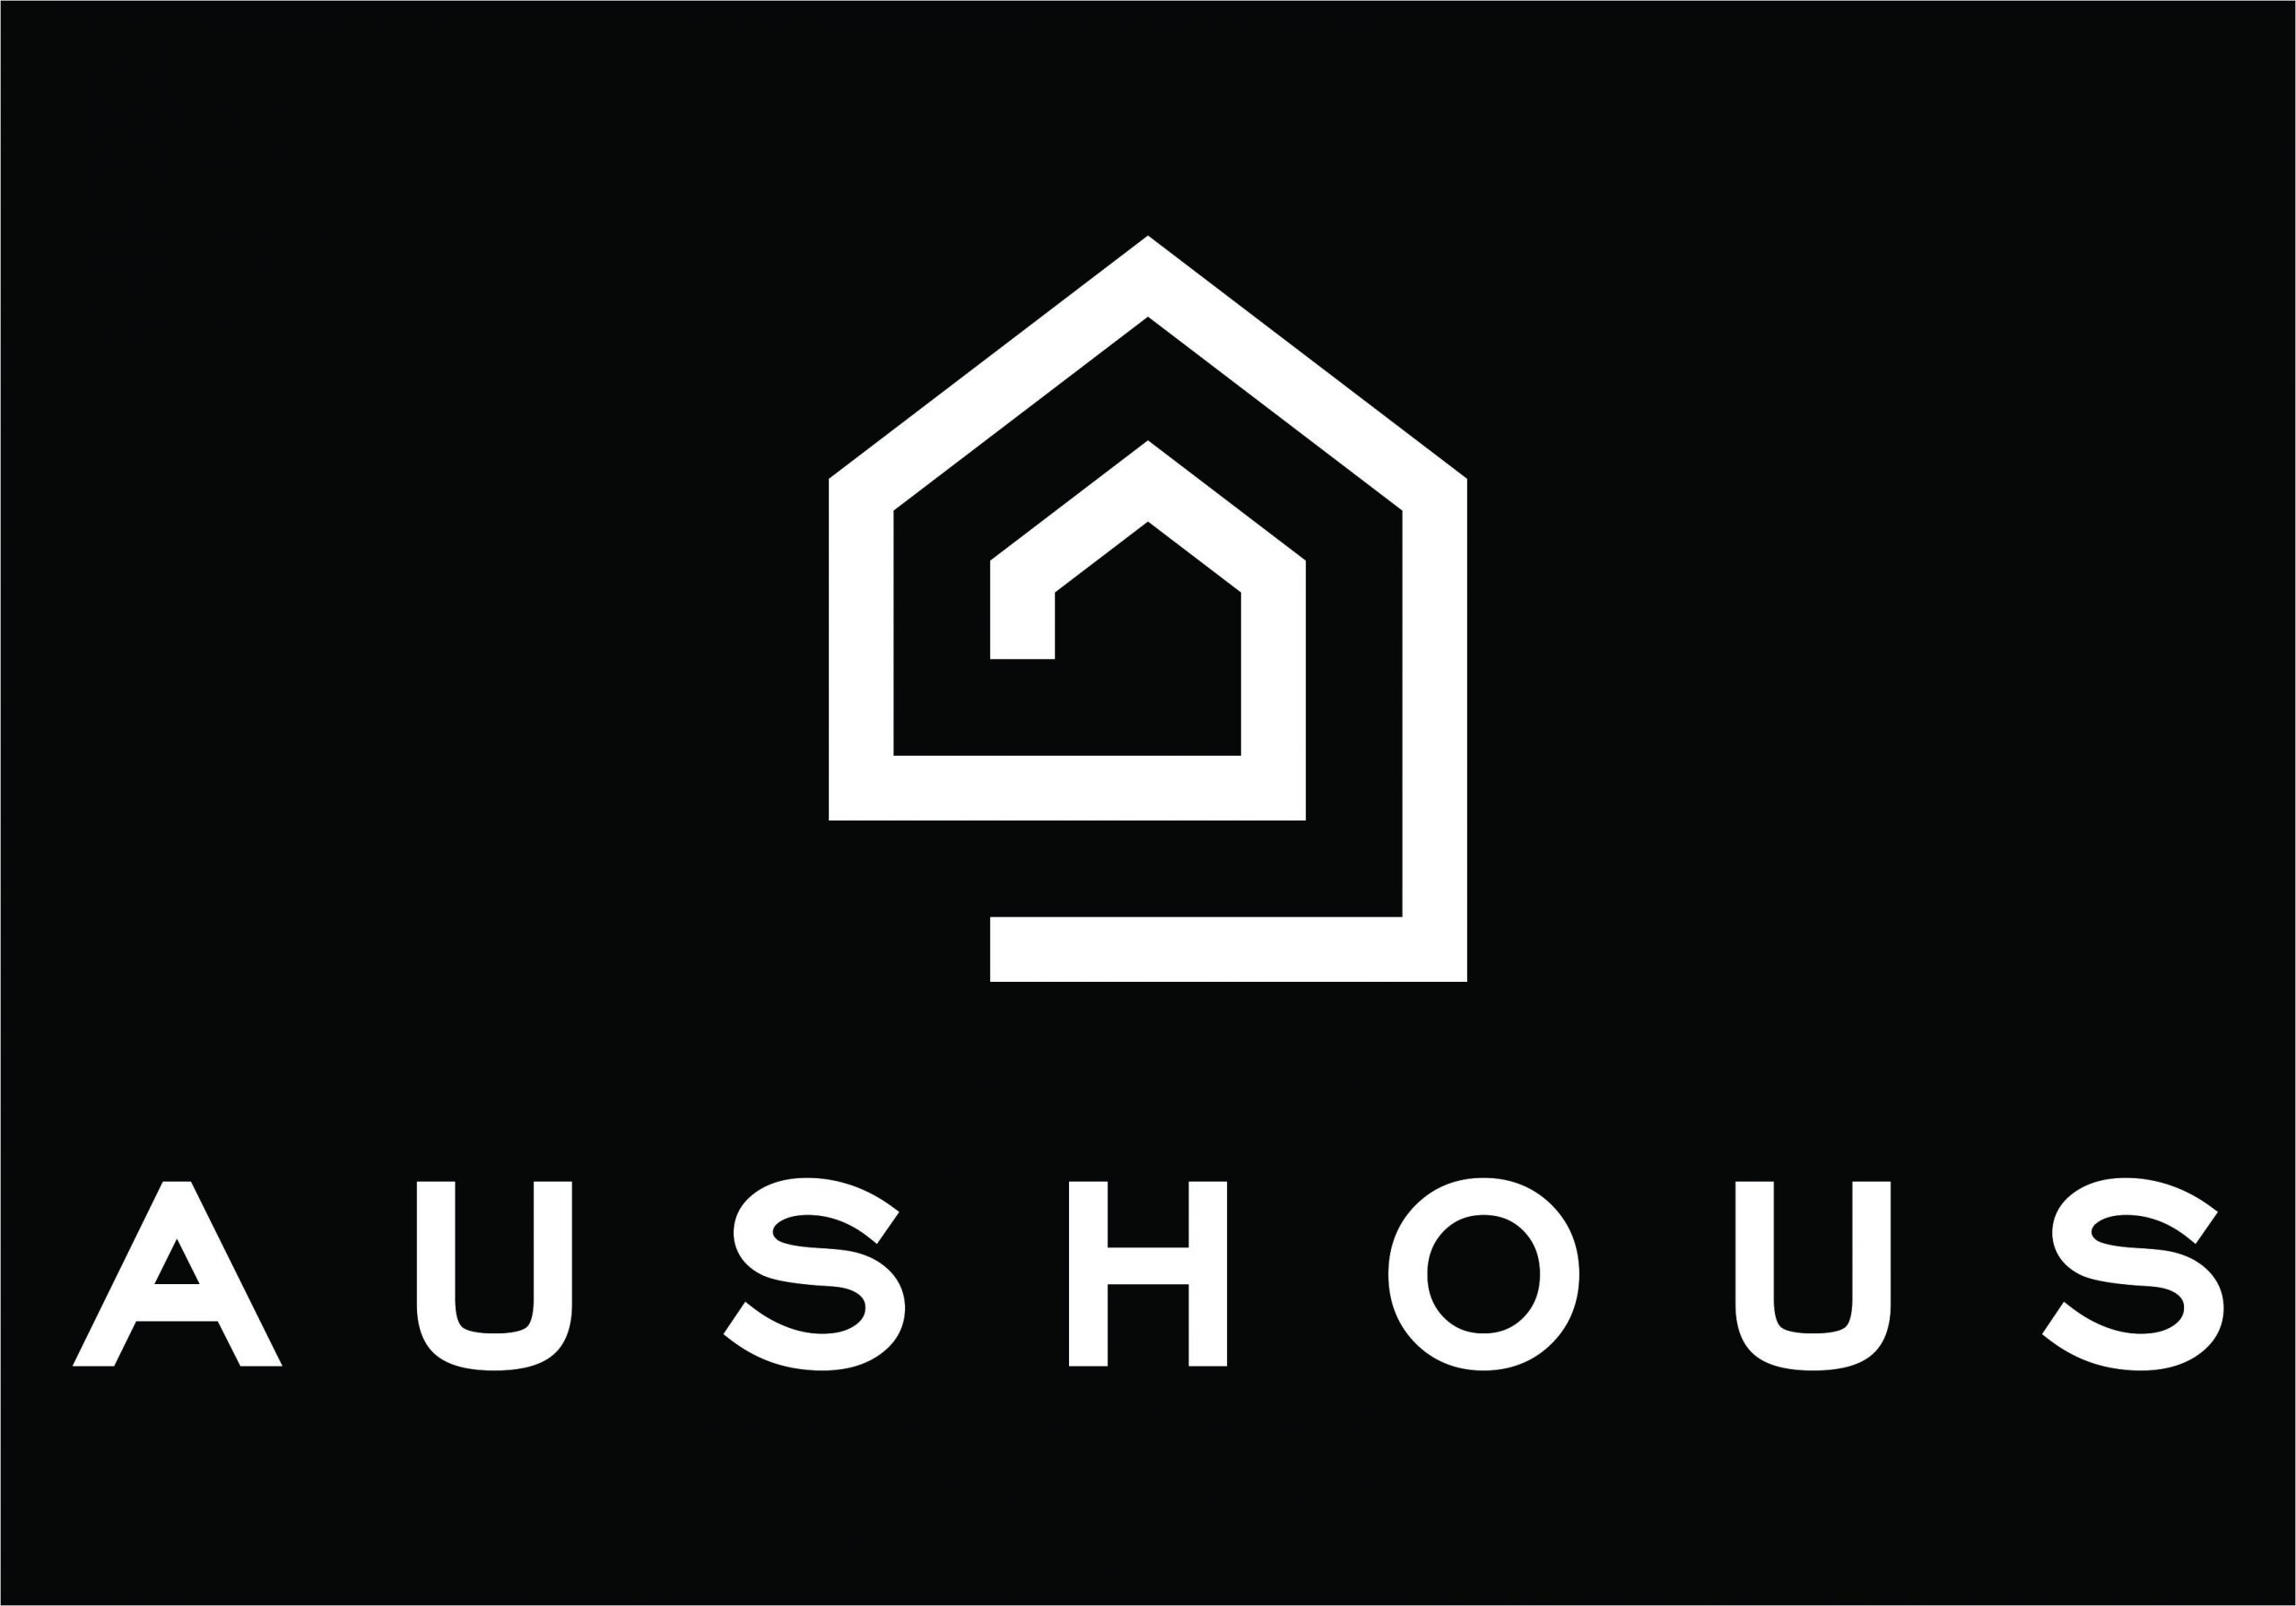 Aushous